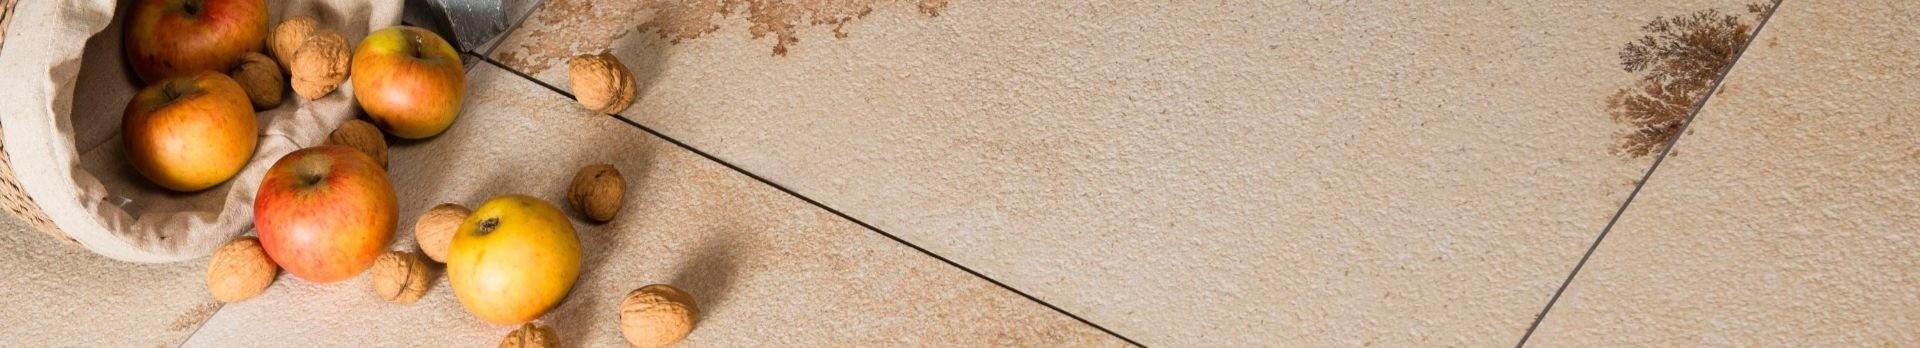 solker ceramica alta resistencia inspirada en la piedra Solnhofen Fosil